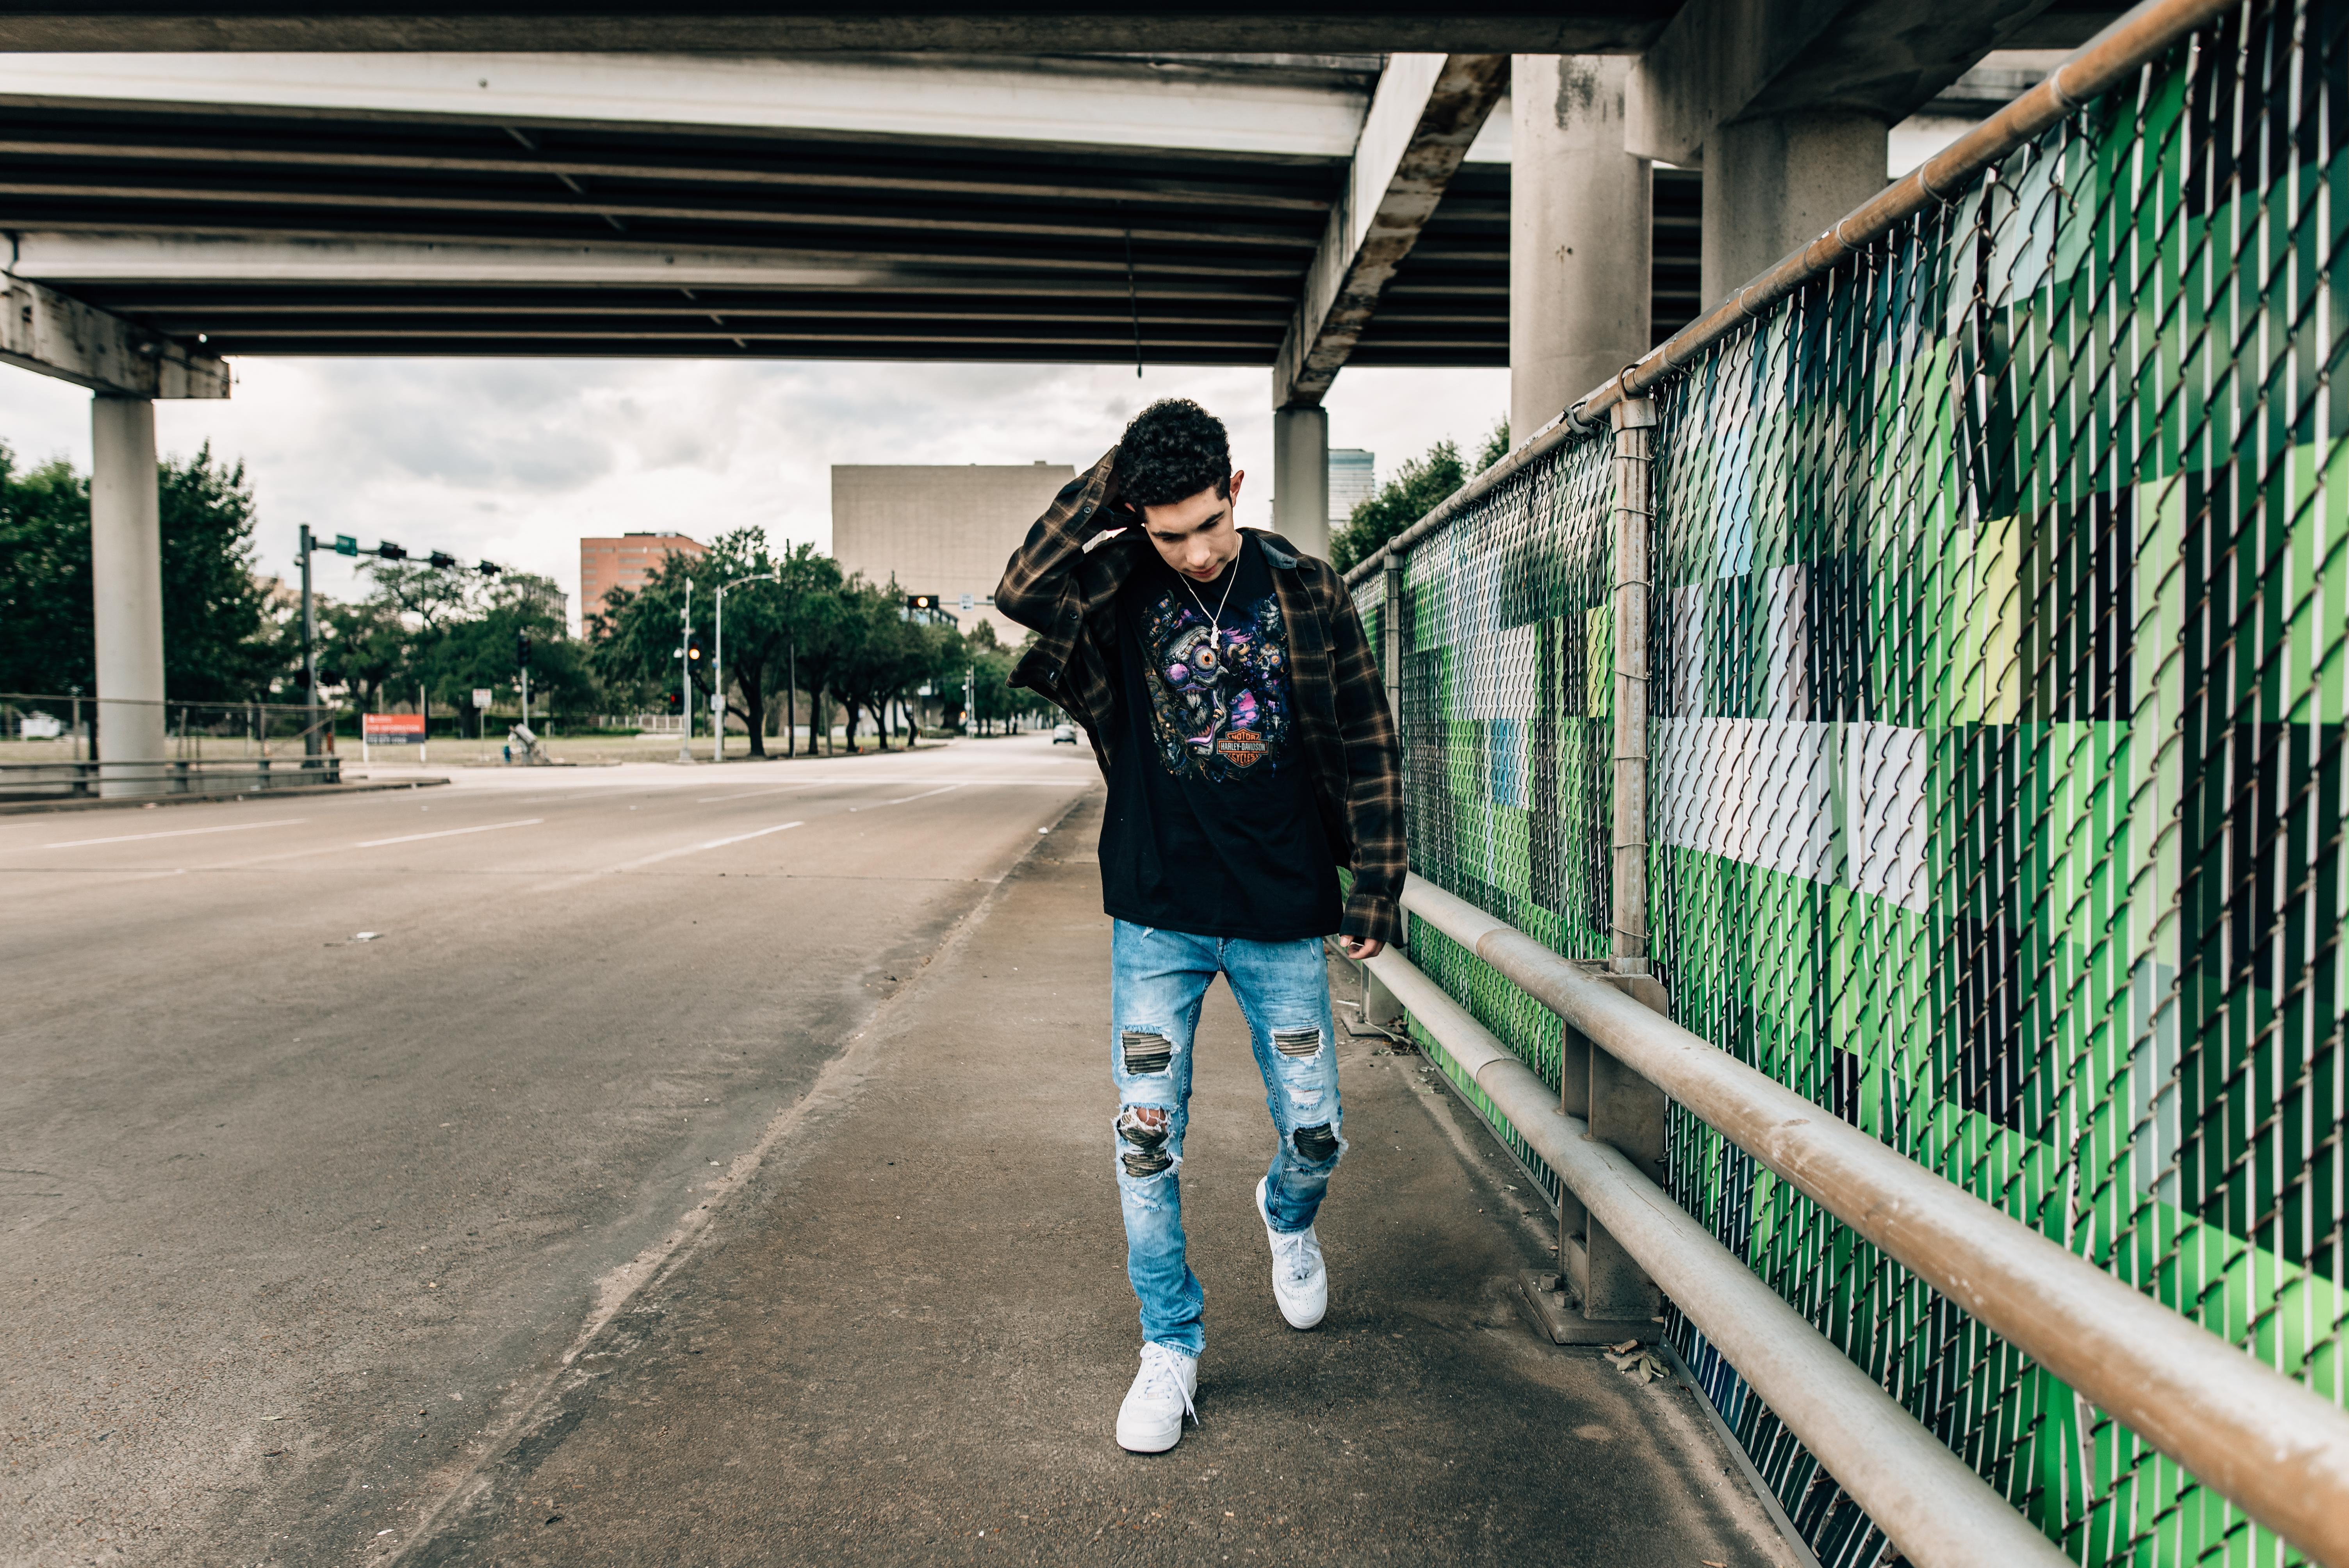 teenage boy walking under an overpass